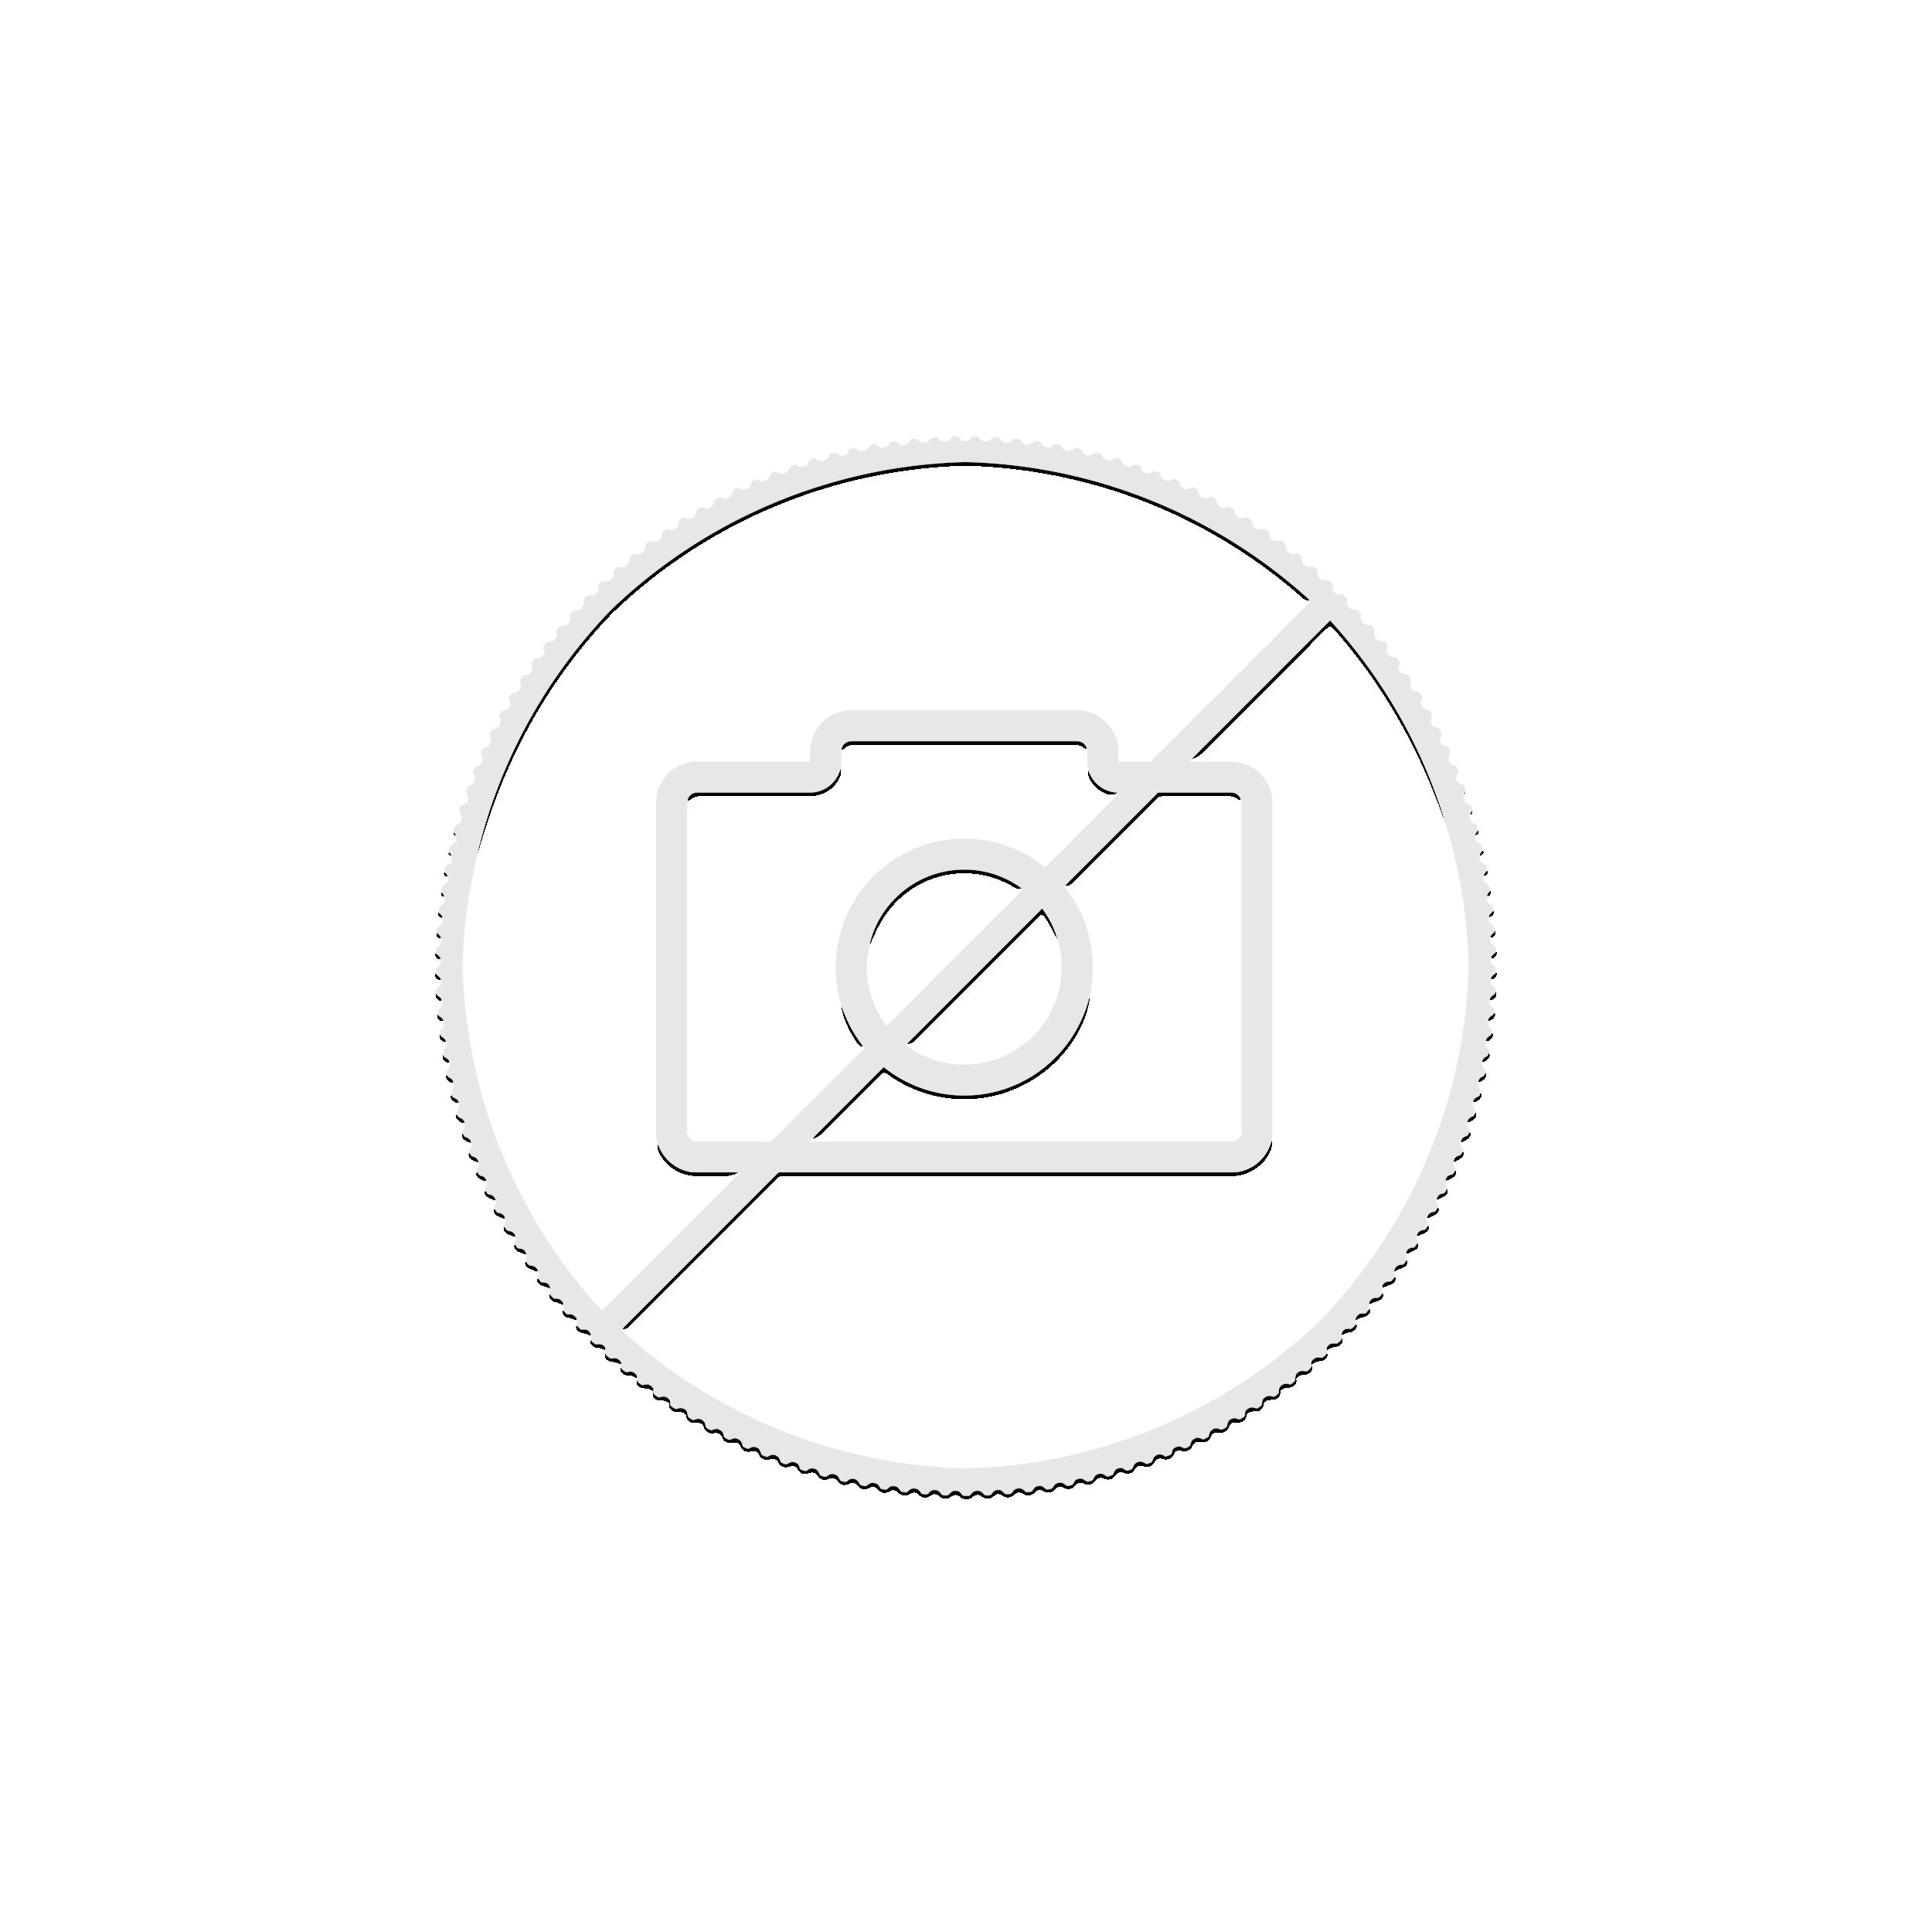 1/2 troy ounce silver Lunar coin 2012